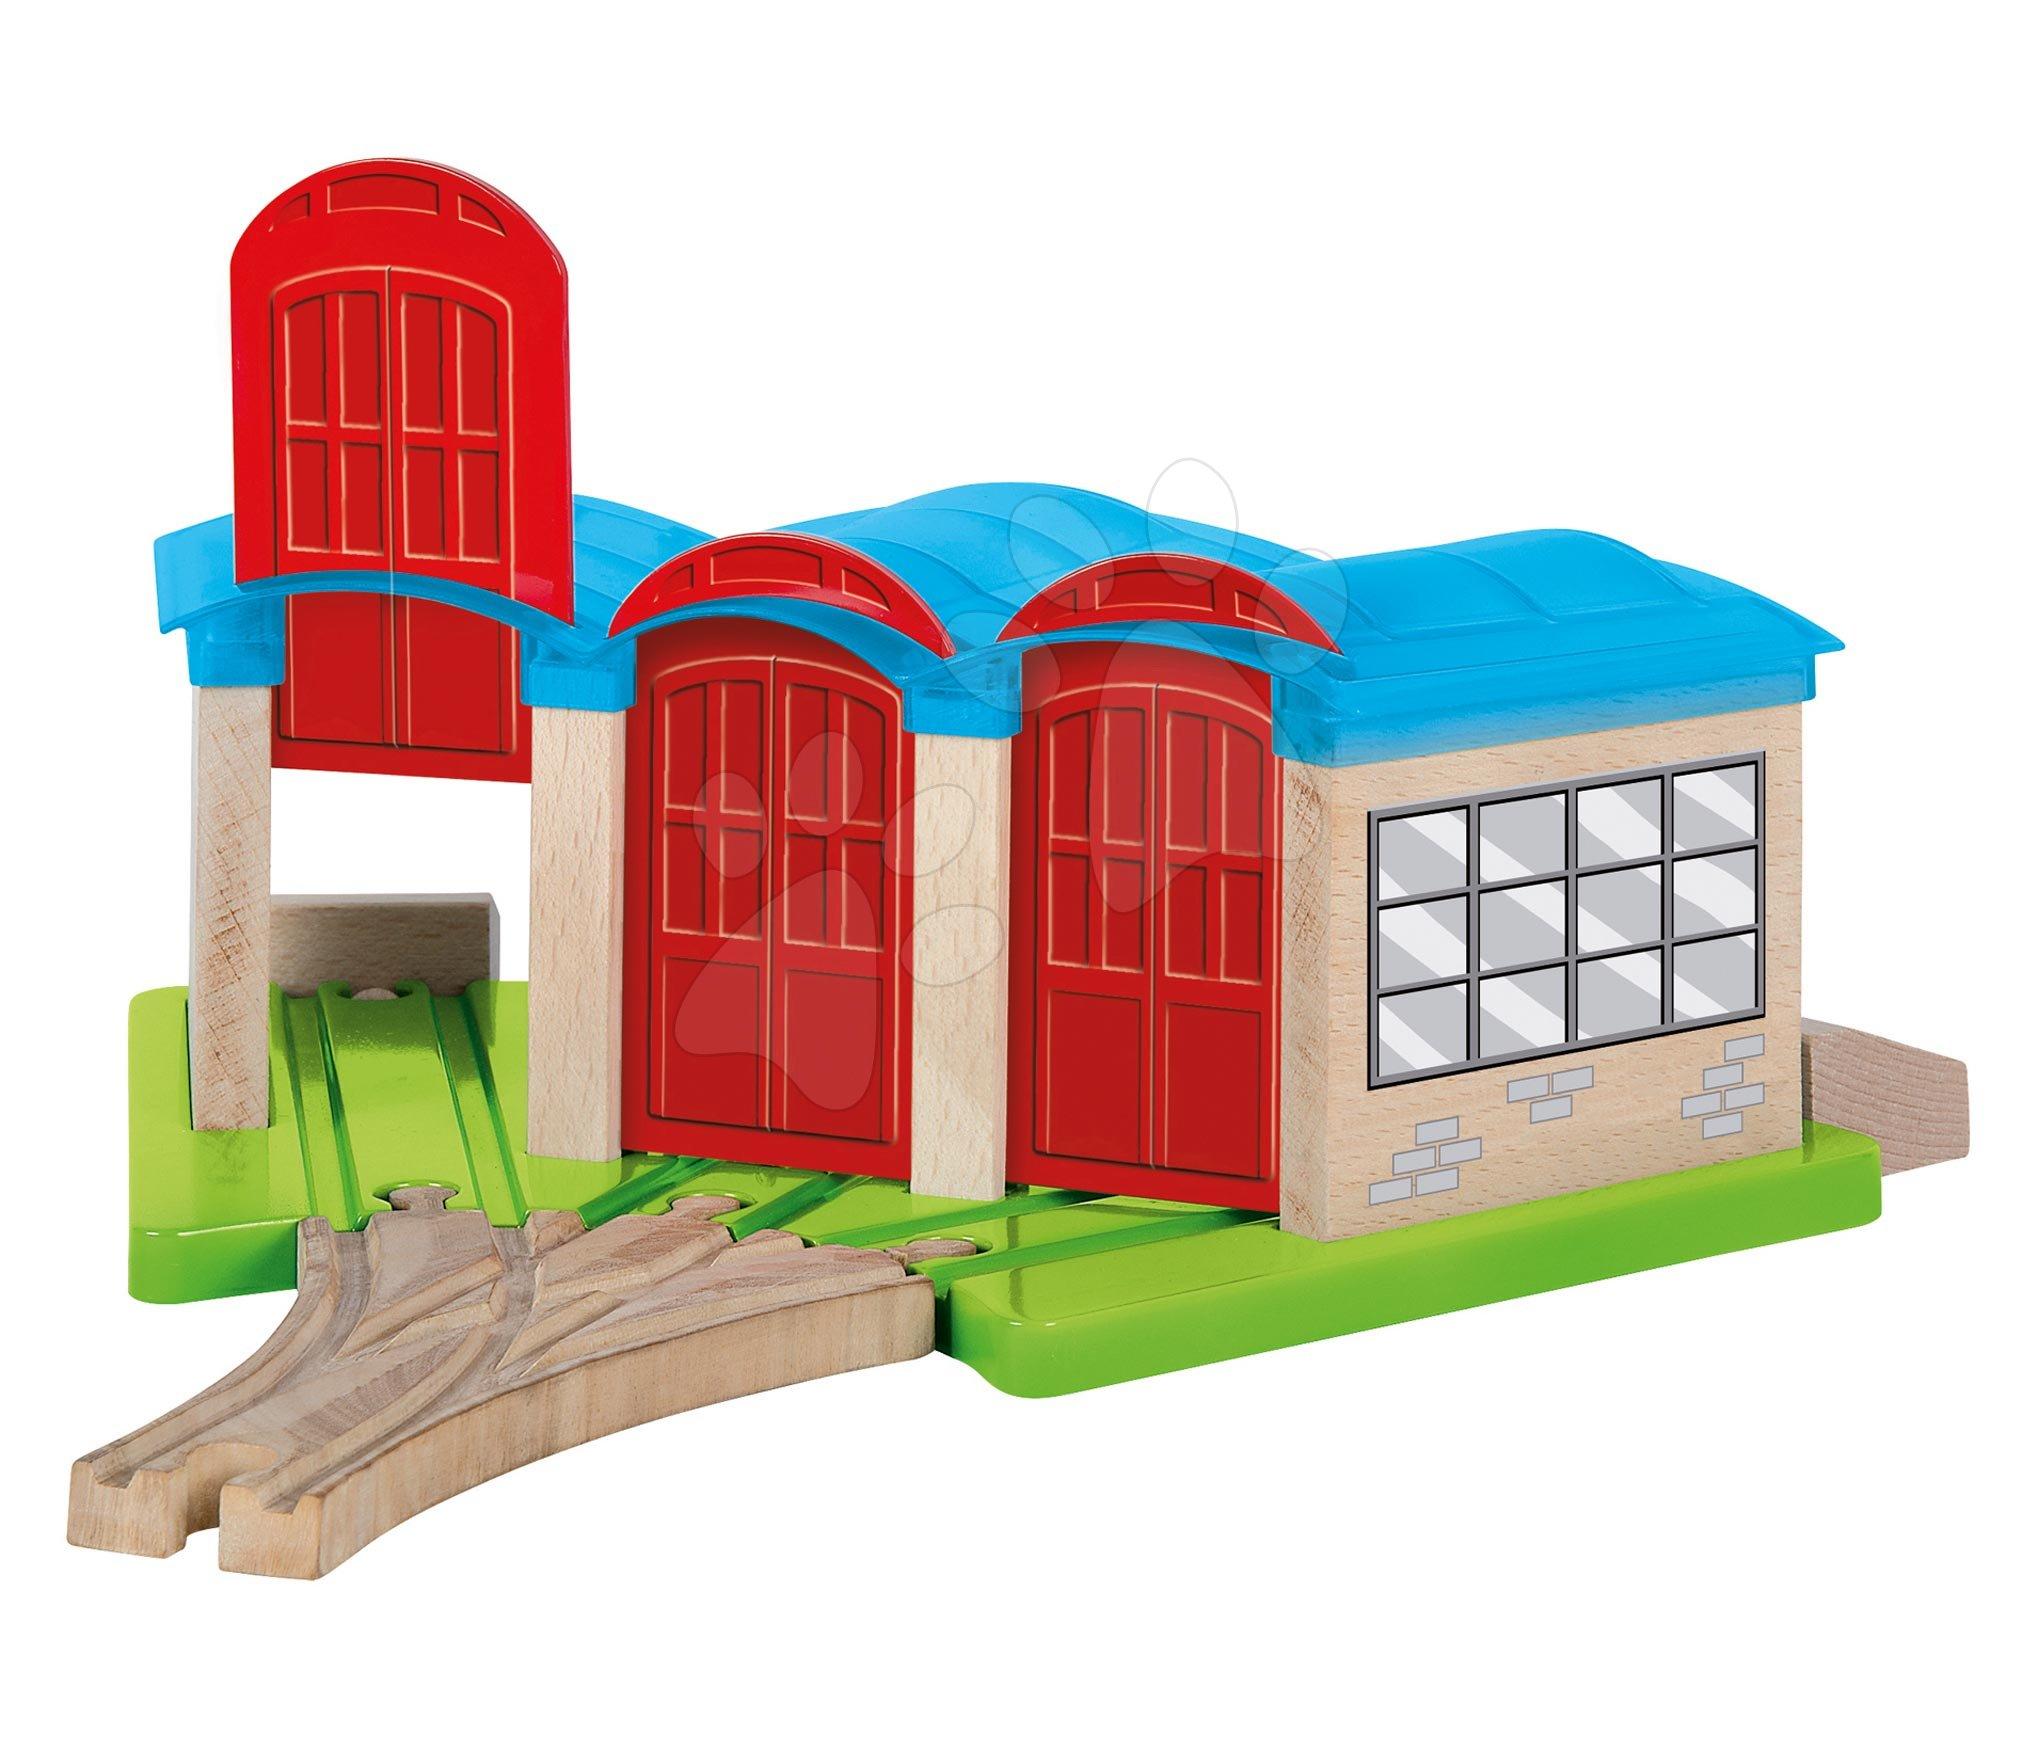 Piese de schimb pentru cale ferată Train Engine Shed Eichhorn depozit pentru trenuri cu șine 32 cm lungime de la 3 ani